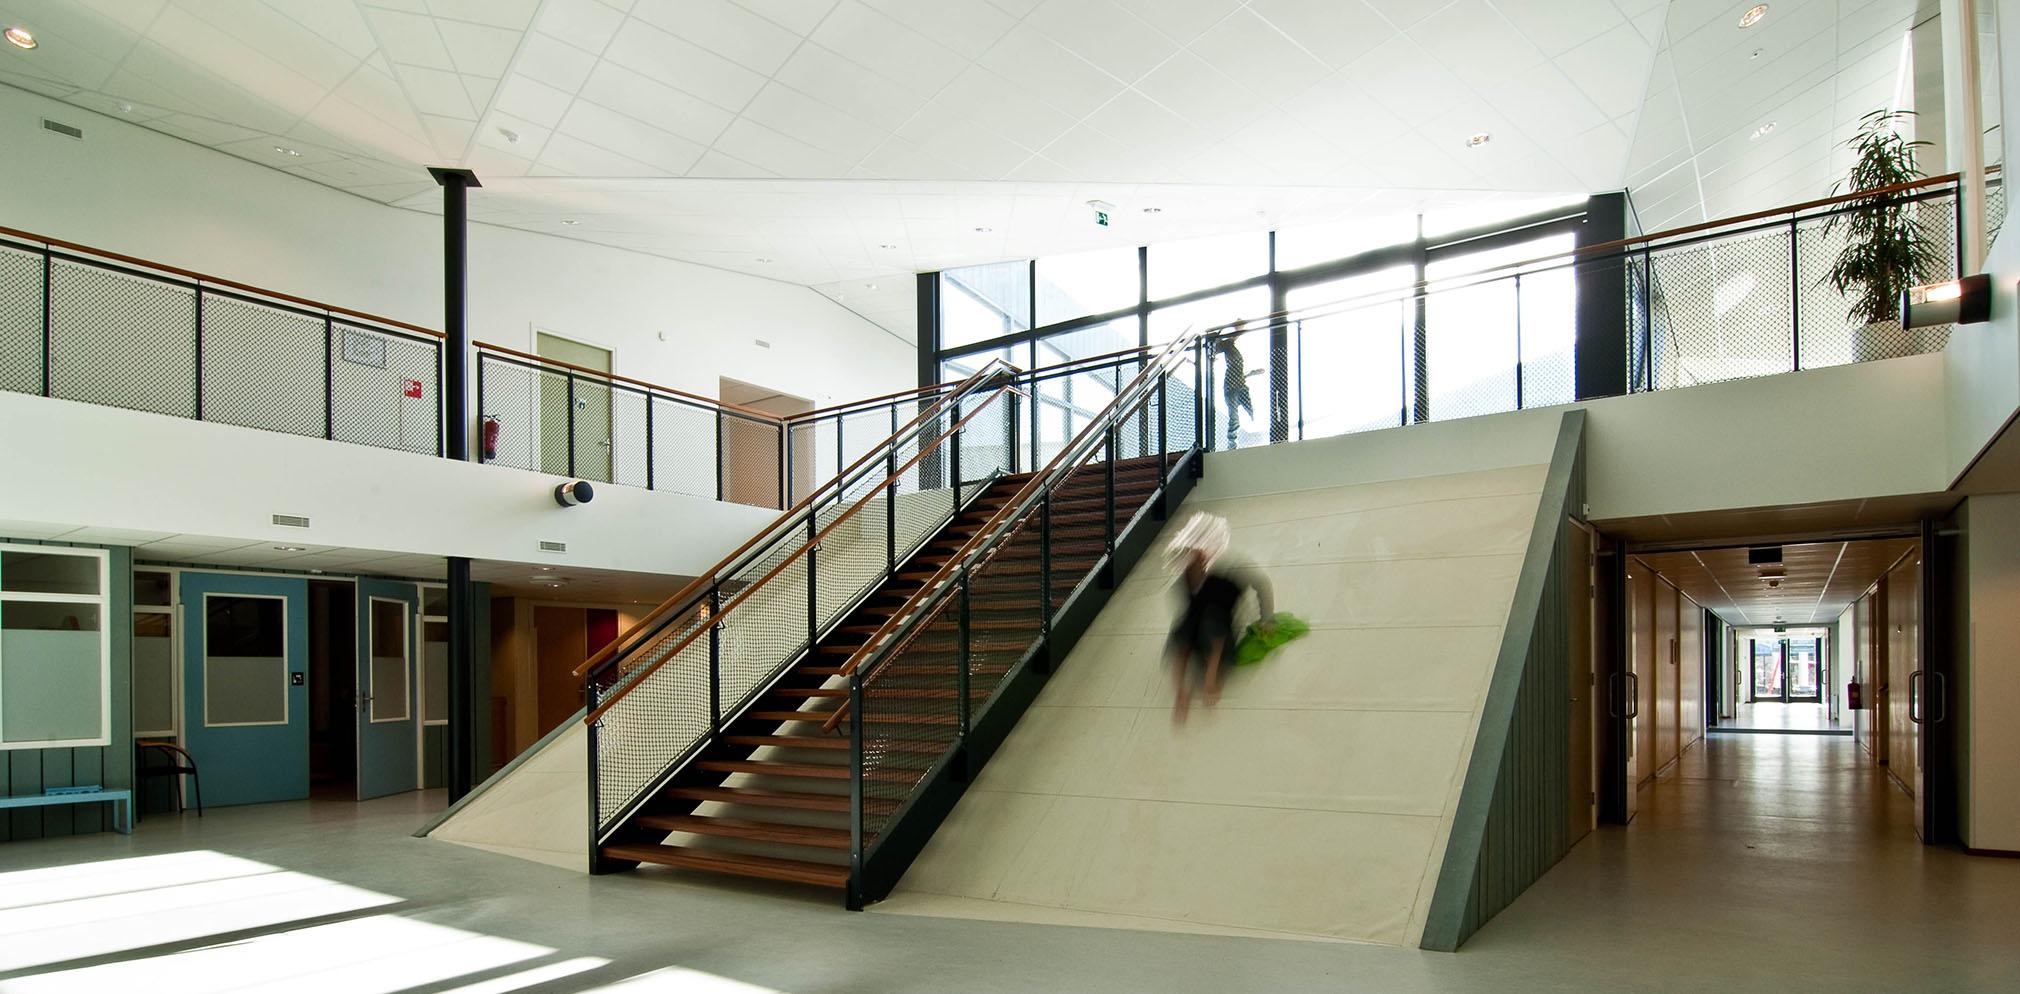 morfis-architectuur-duinhuis12